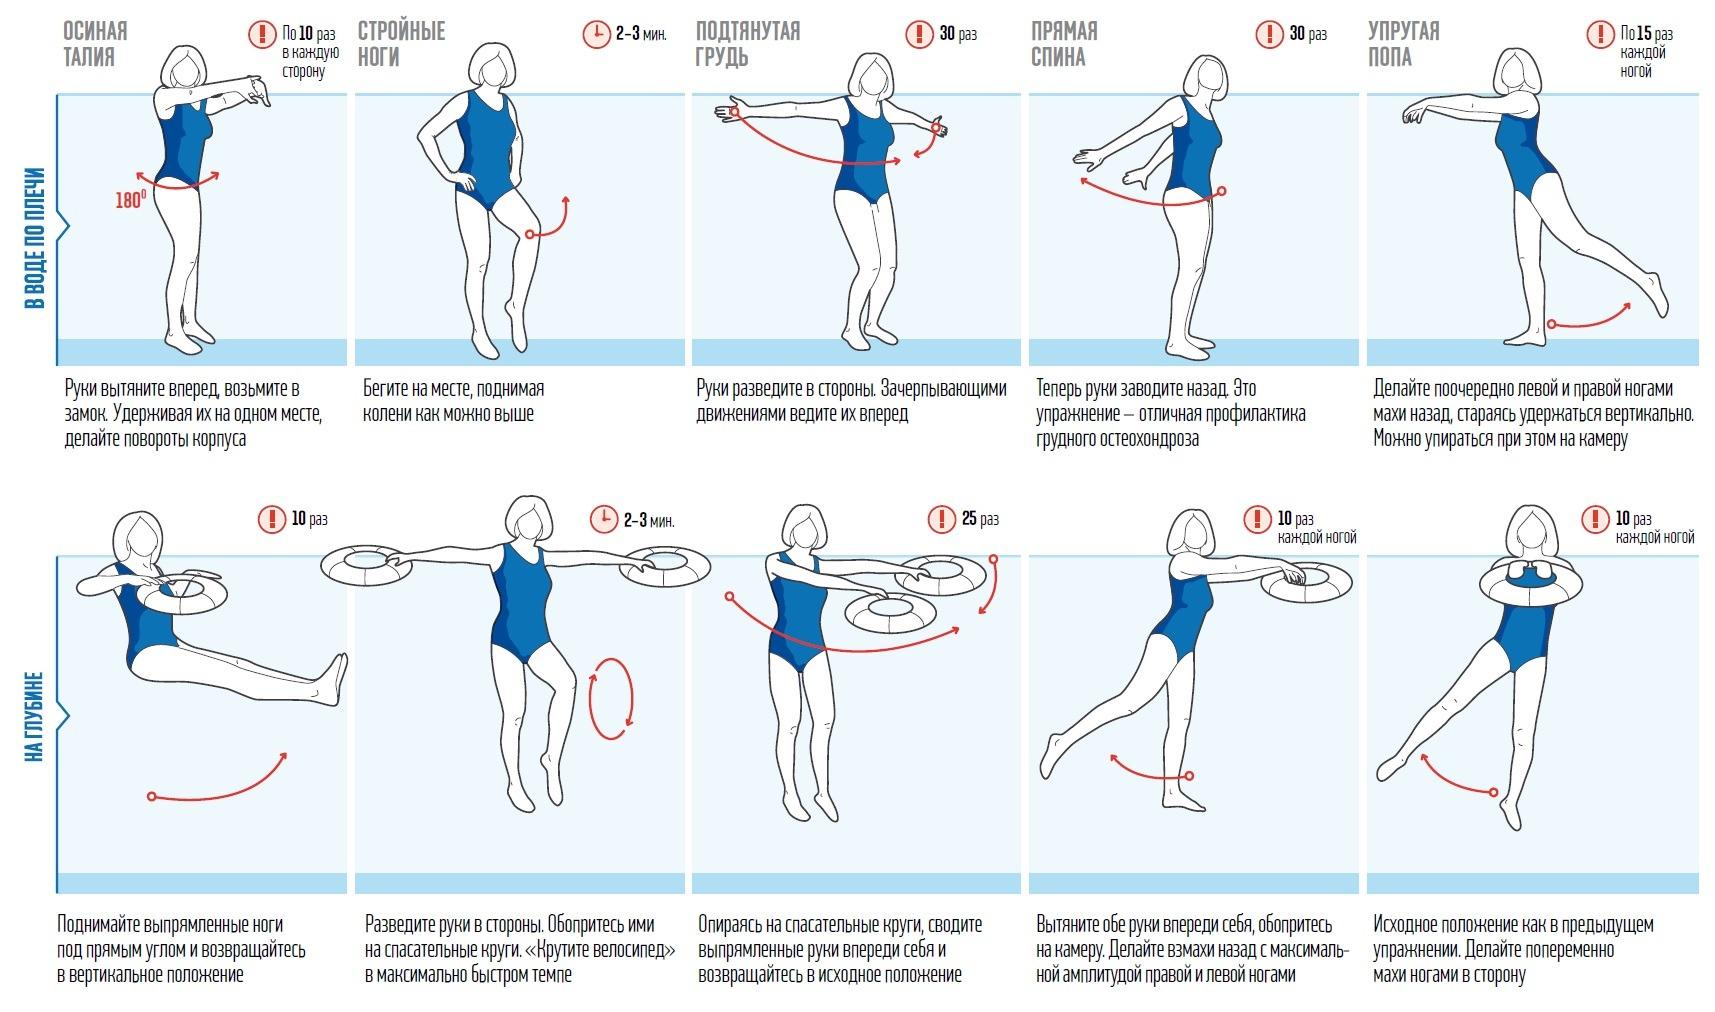 Тренировка Для Похудения В Бассейне. Эффективные упражнения в бассейне для похудения